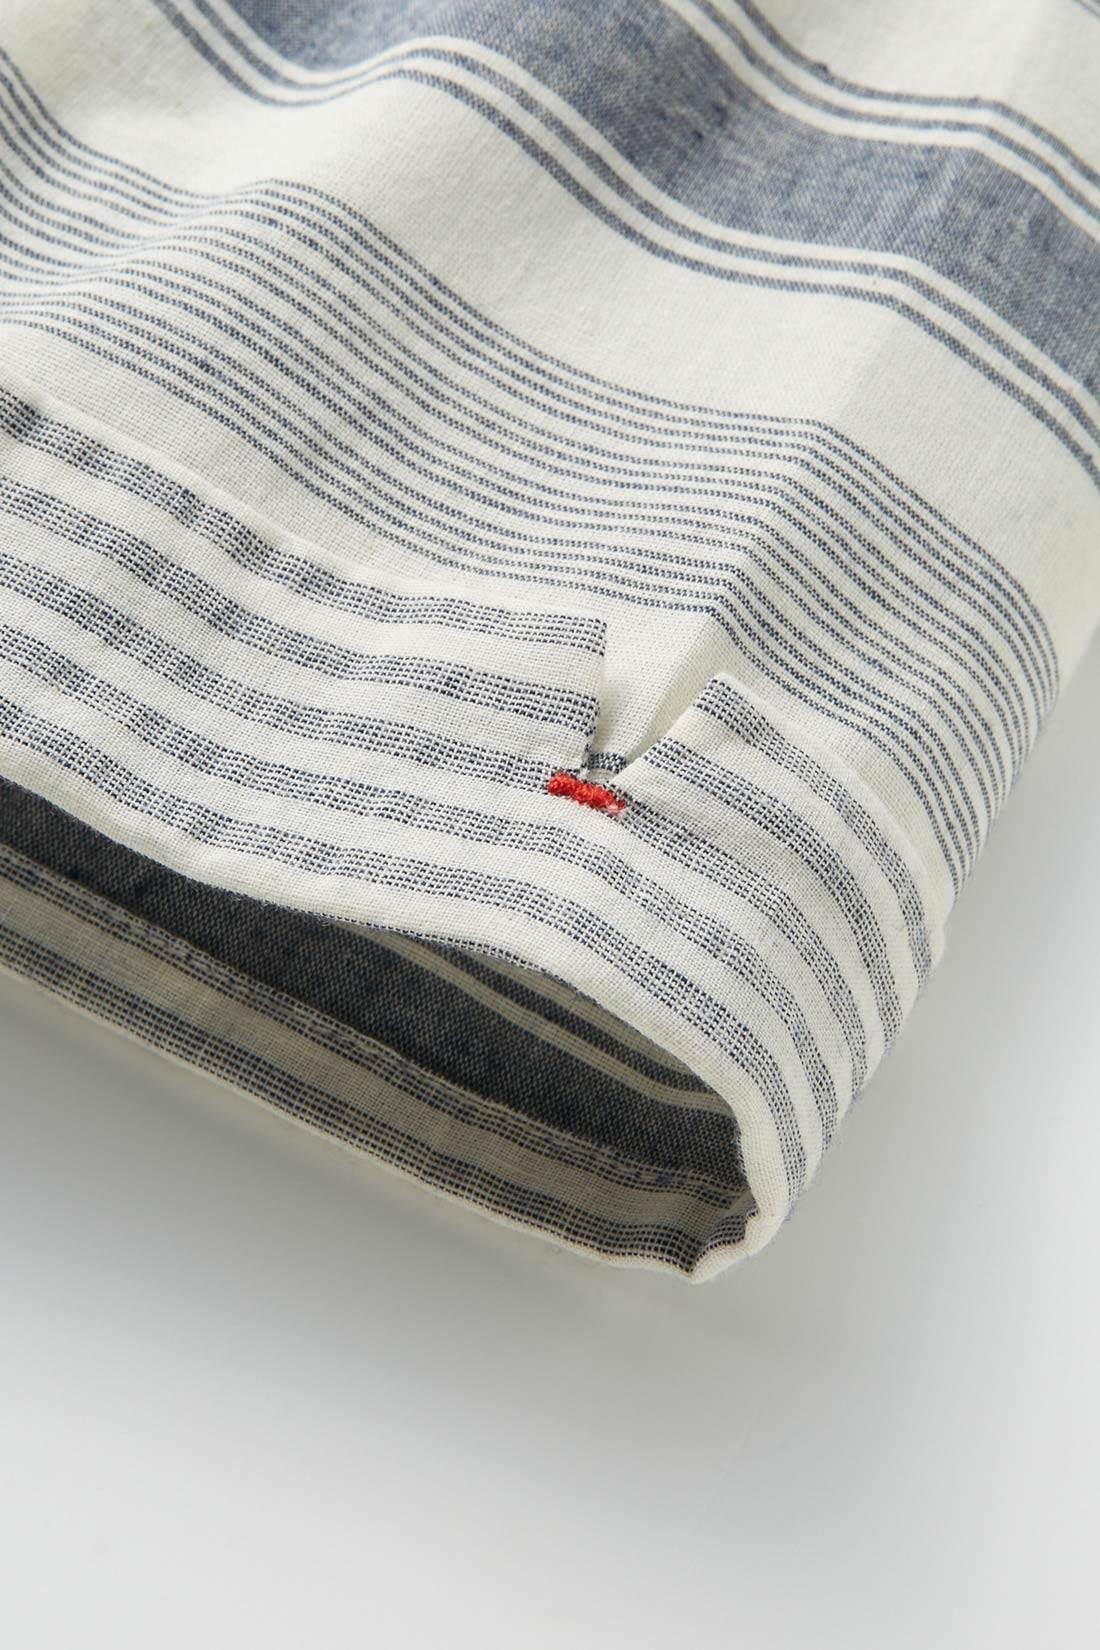 袖口はピッチの違うボーダー柄で、折り返し風デザインに。カン止めのカラーもおしゃれなポイント。